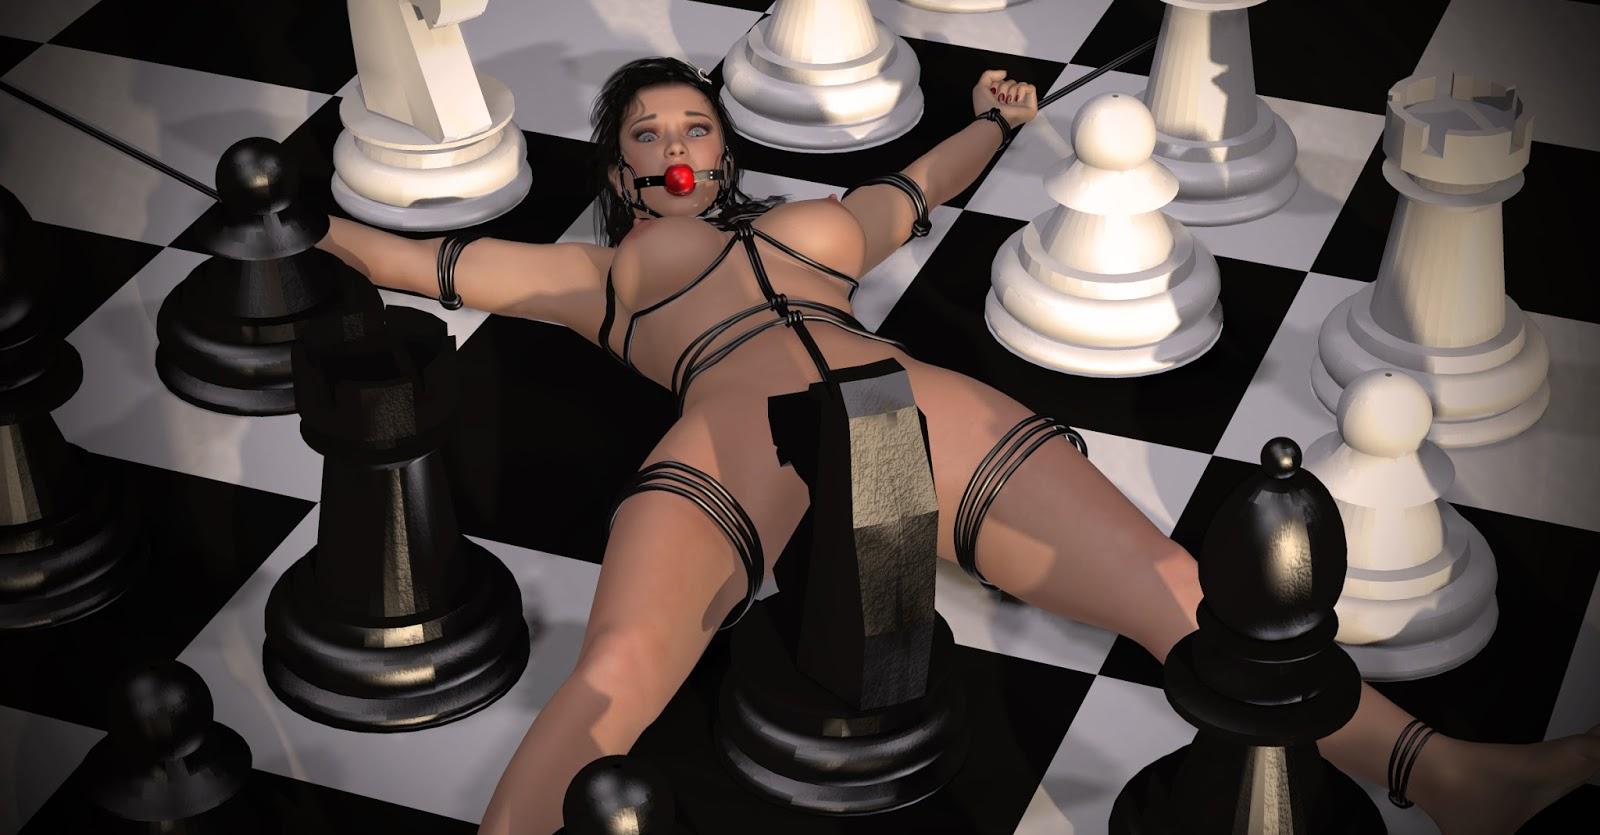 Эротические шахматы видео, порно фото сайта знакомств